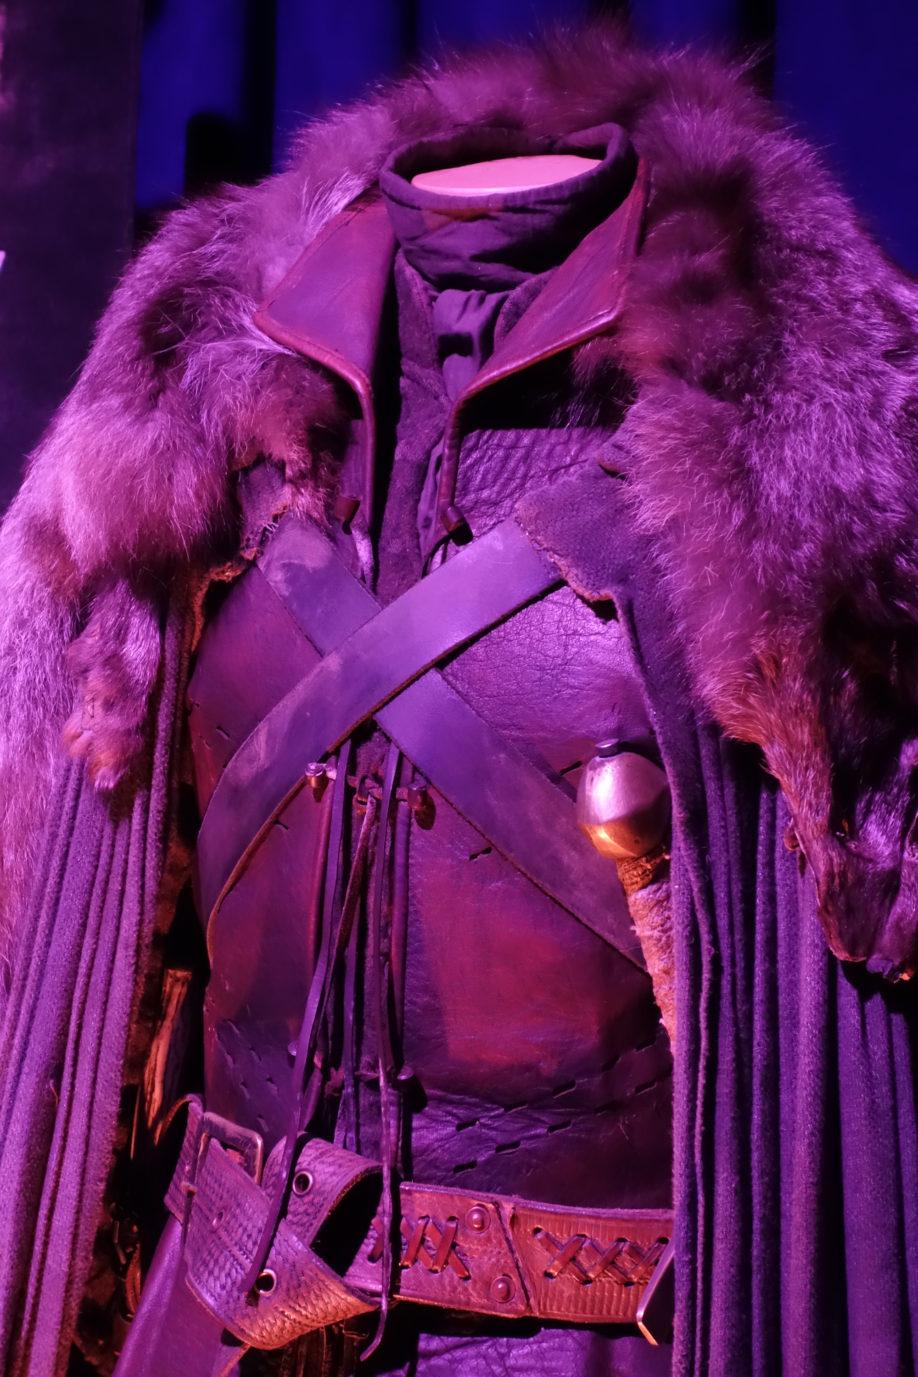 Détail du costume de Ramsay Bolton (crédits : Thistle).